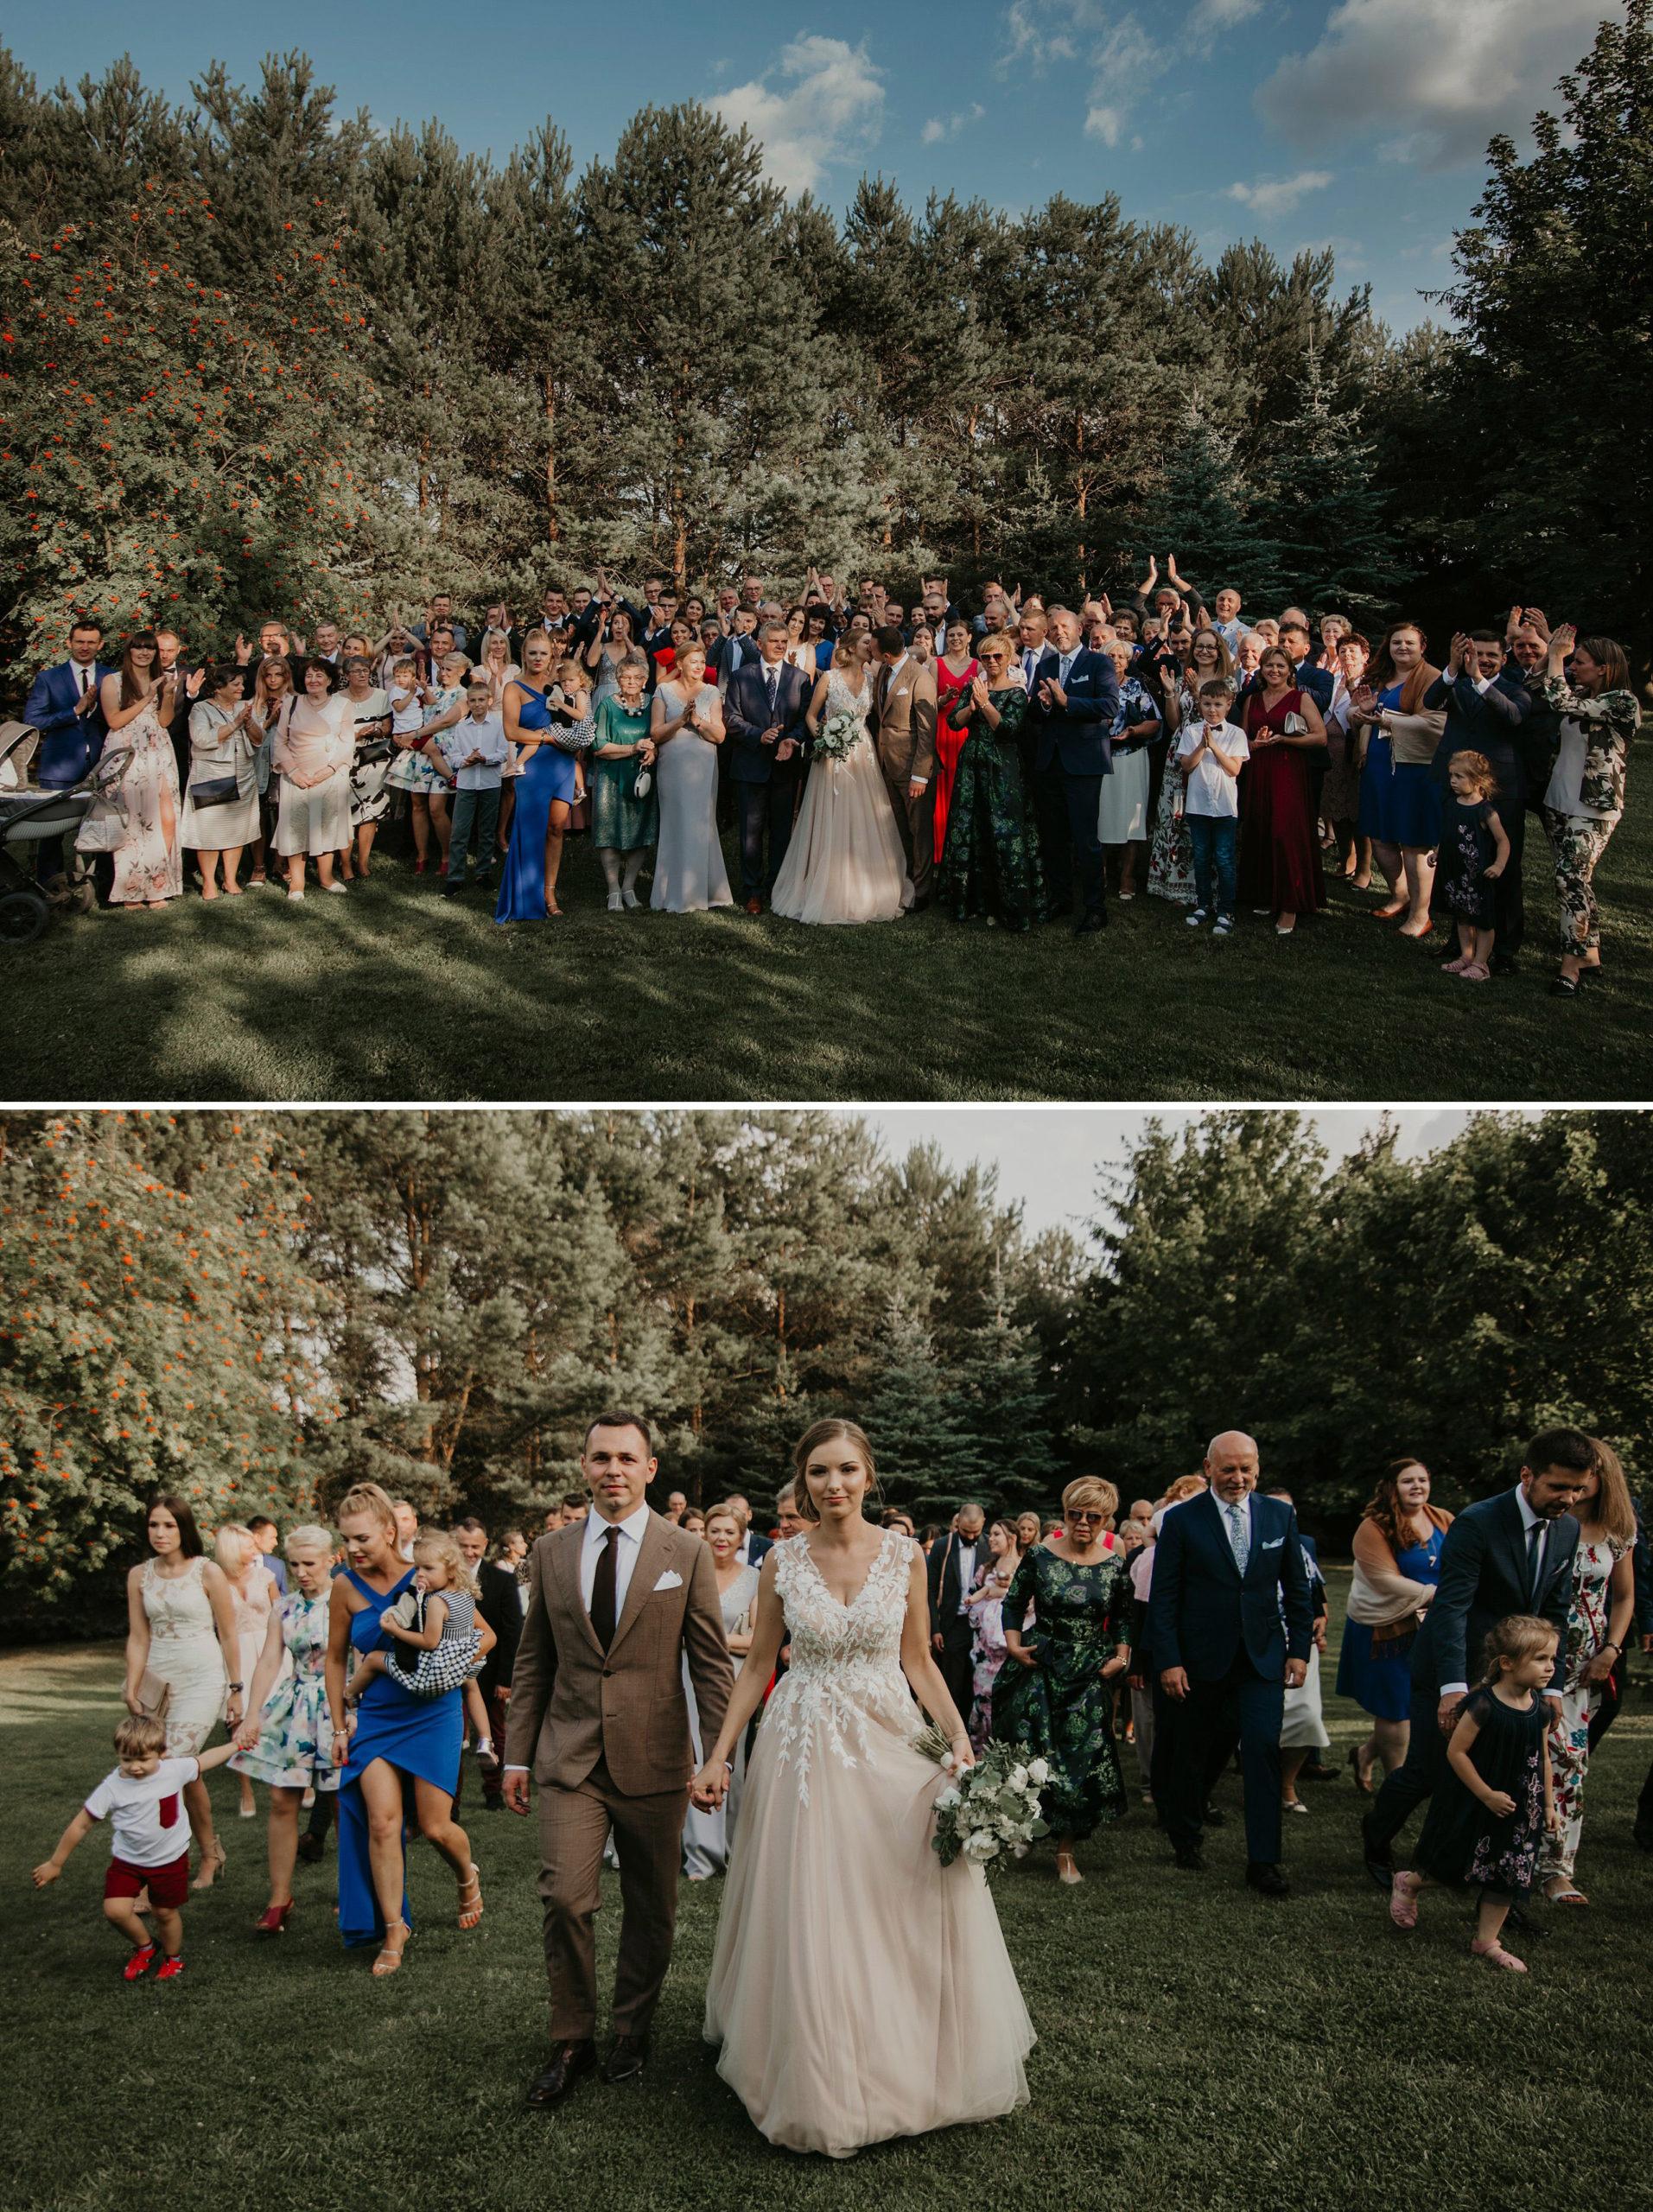 wesele hotelarnia puszczykowo 144 scaled